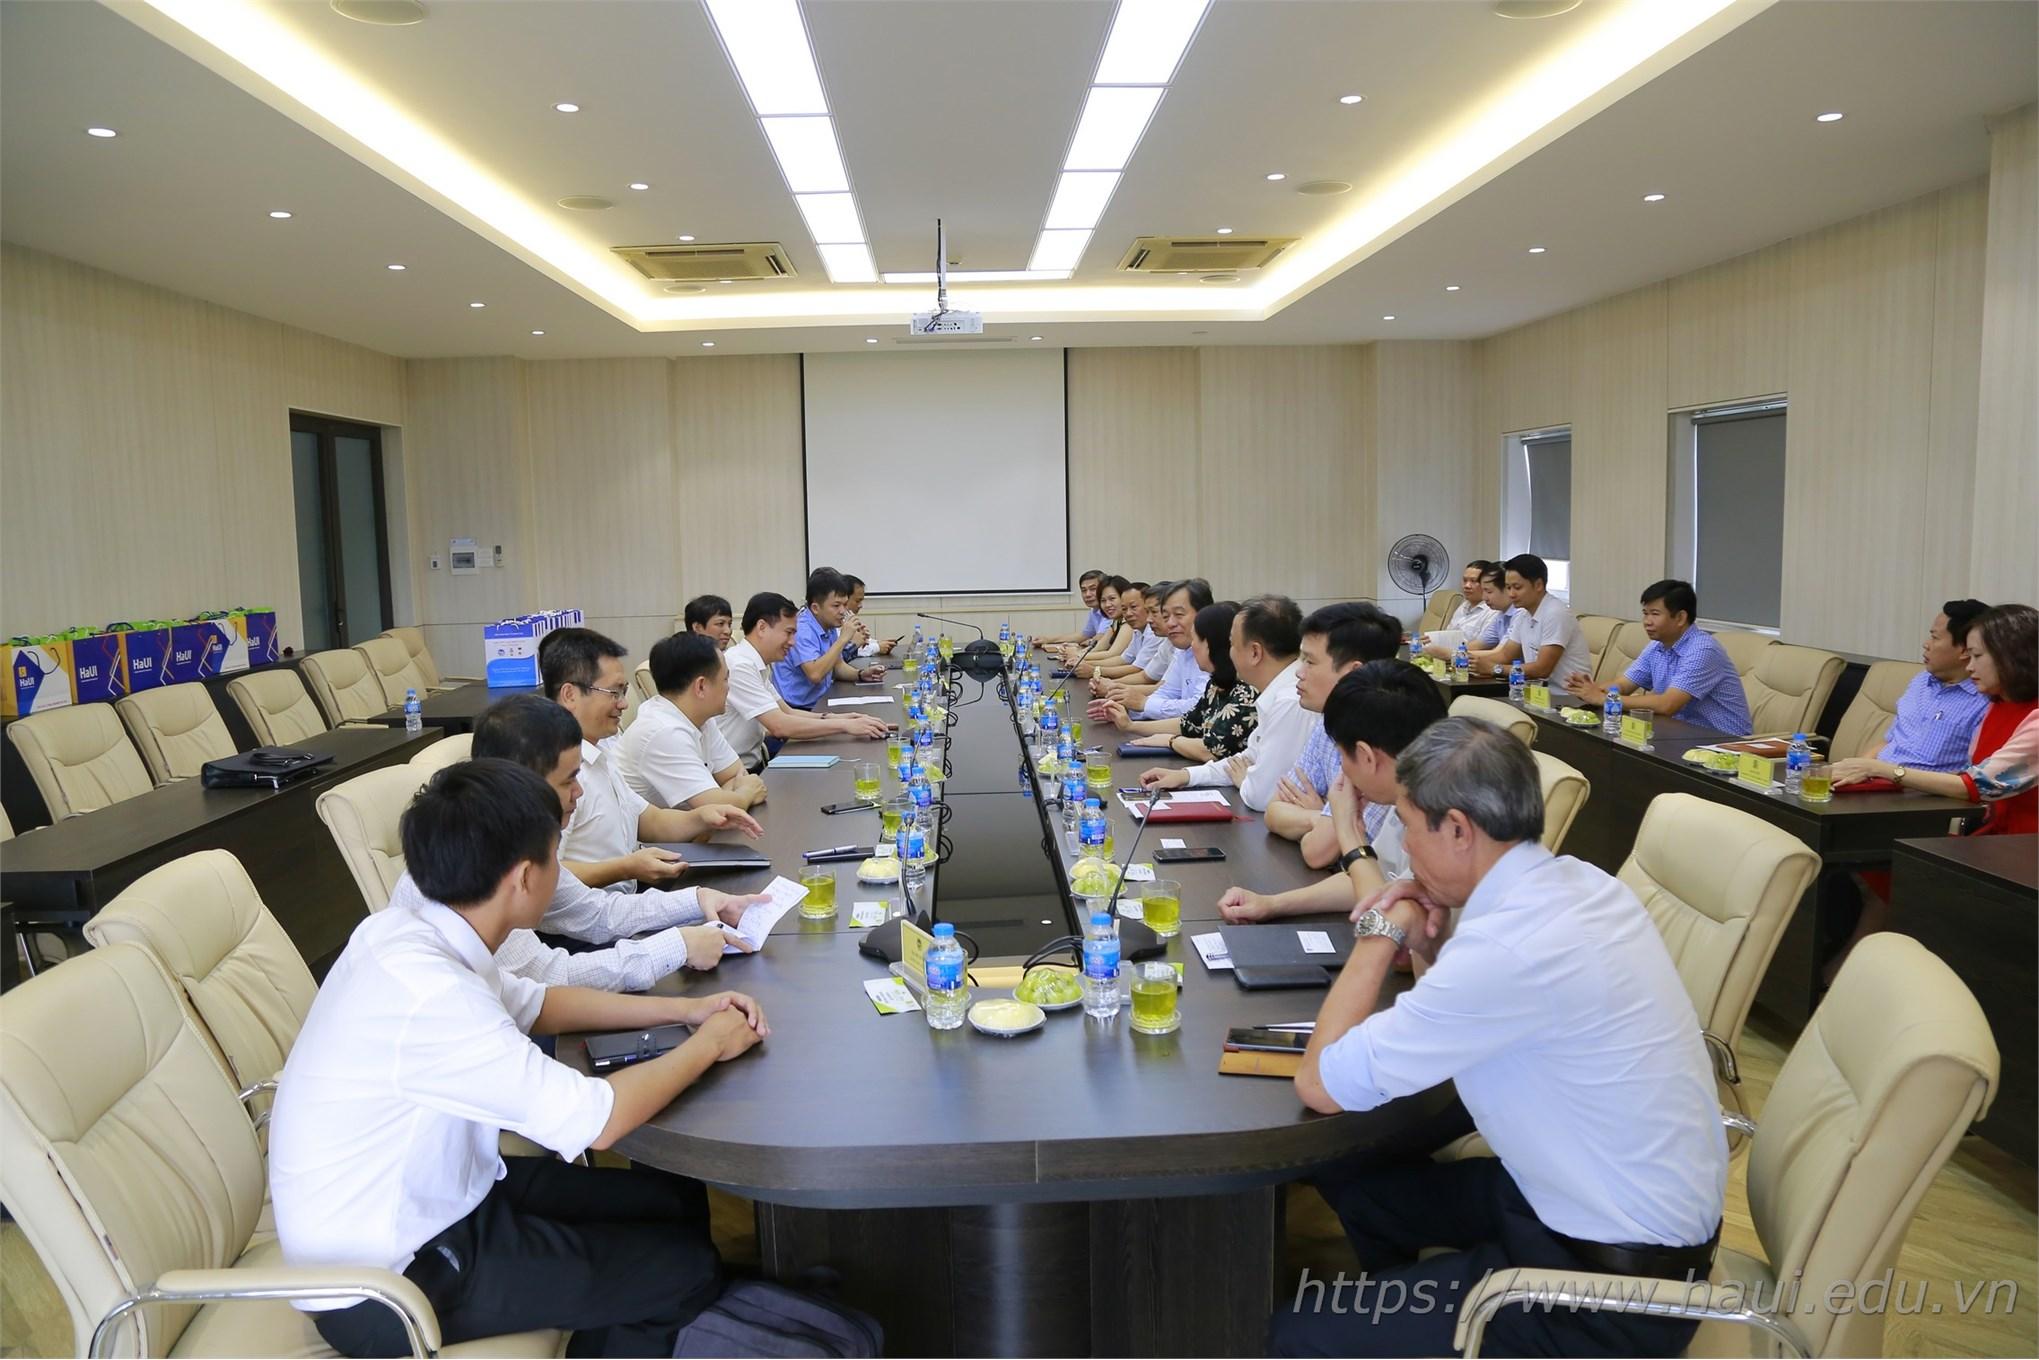 Trường Đại học Vinh thăm và làm việc tại Đại học Công nghiệp Hà Nội